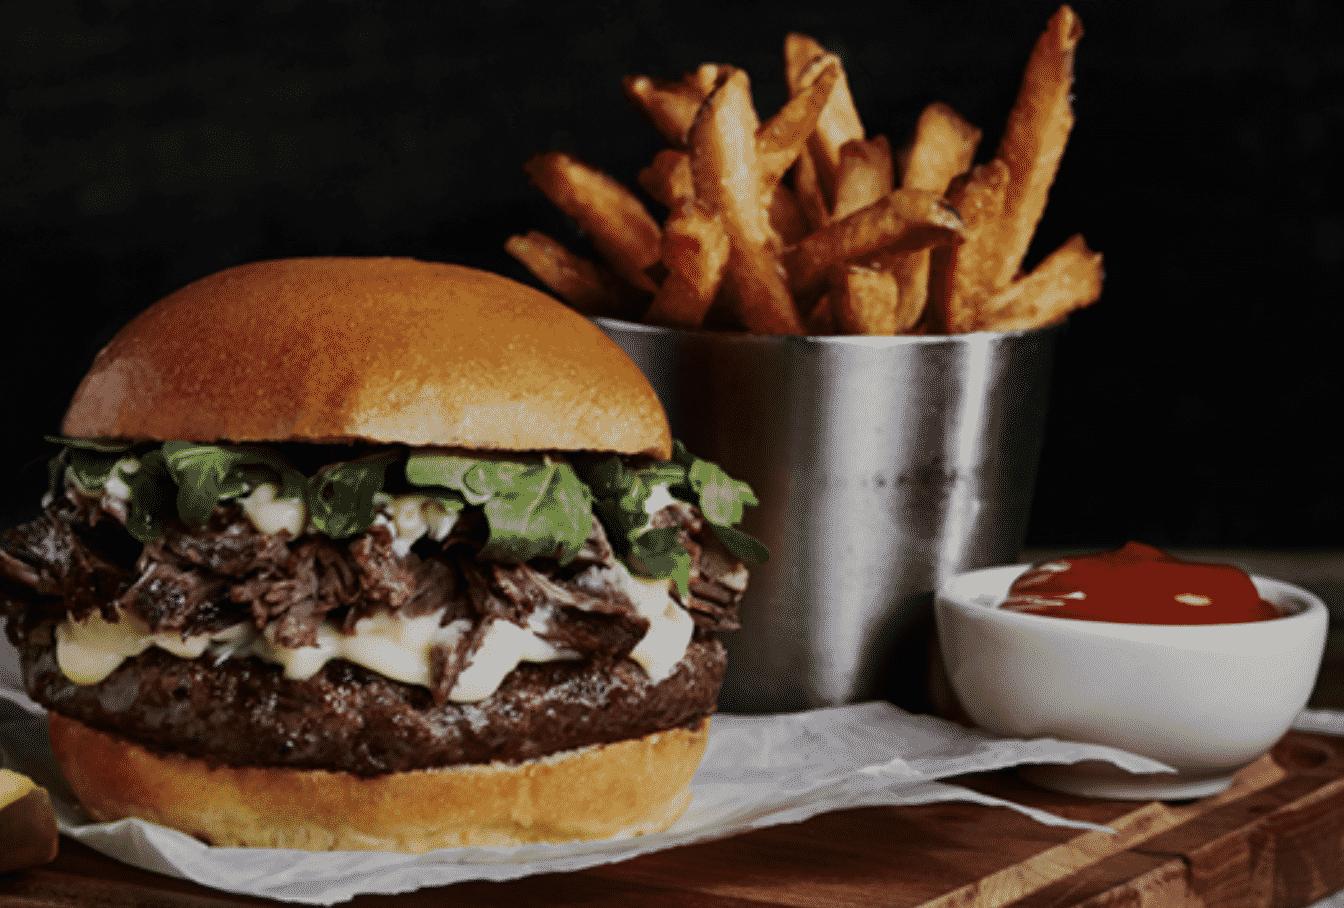 Heck's Café Burger